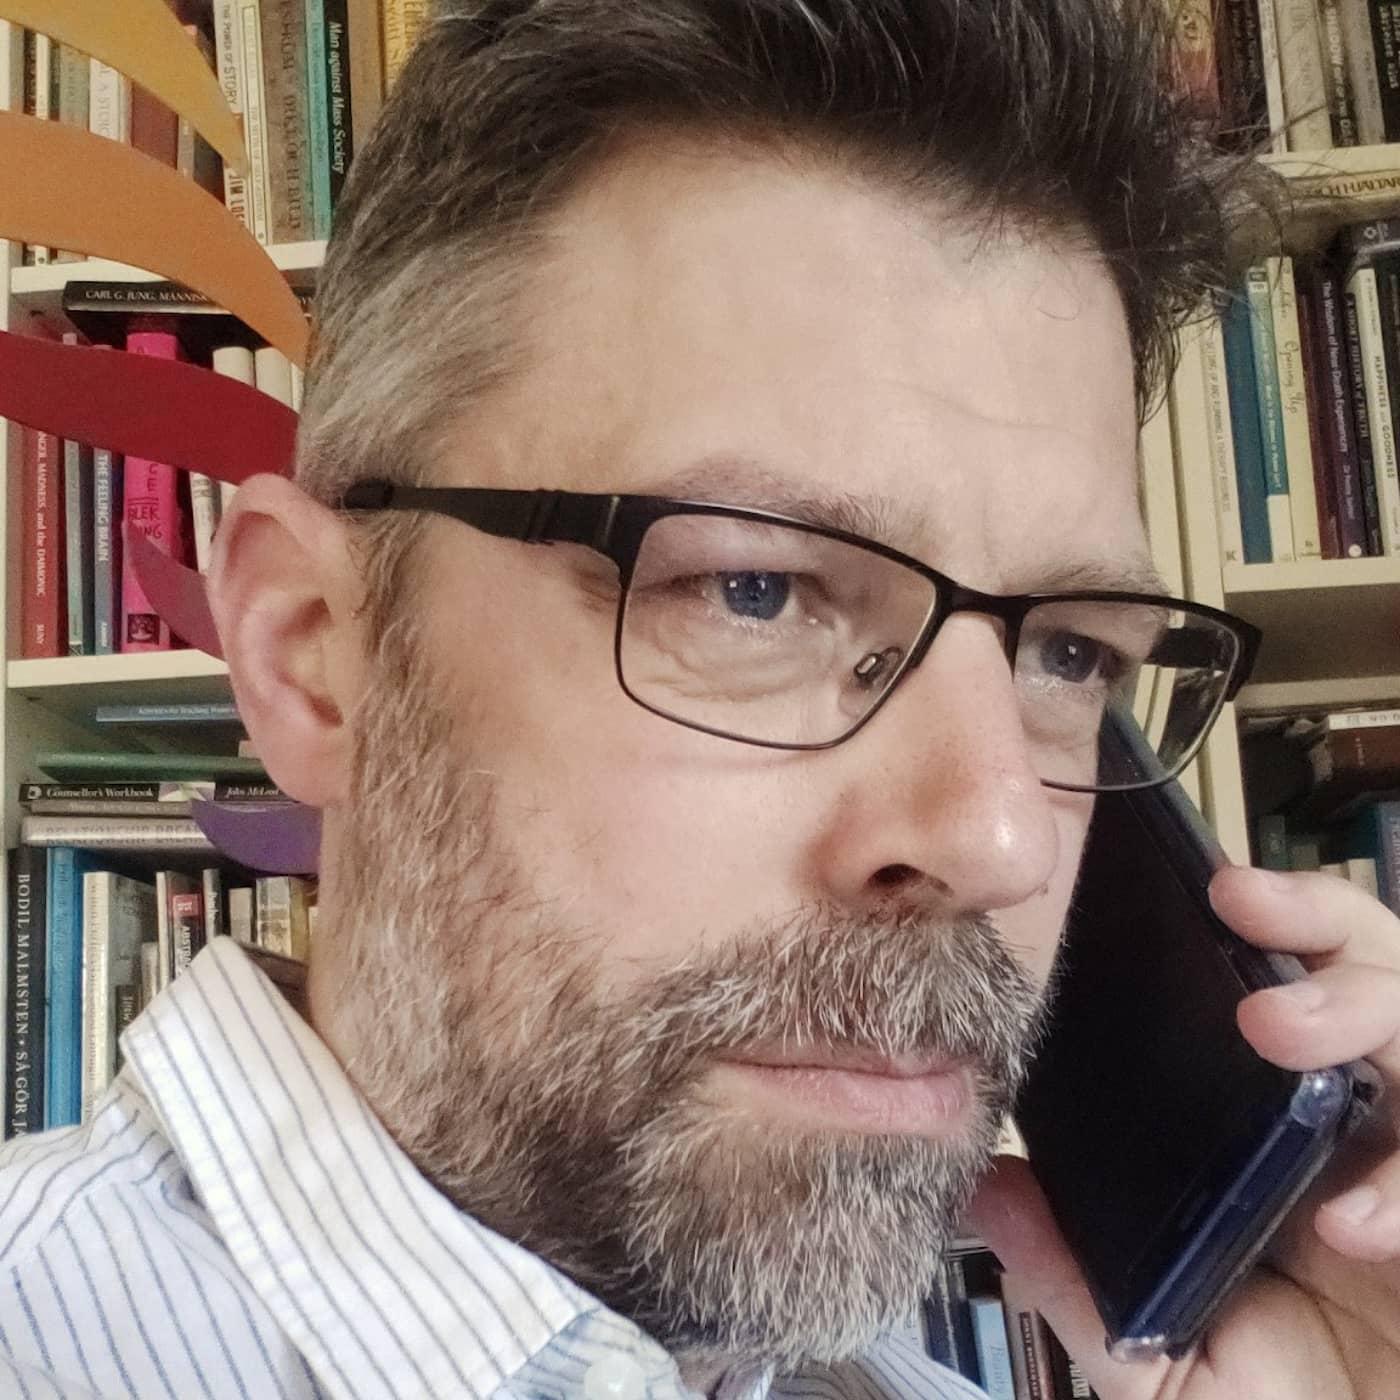 Del 3. Mobilmänniskan: Den frustrerade terapeuten